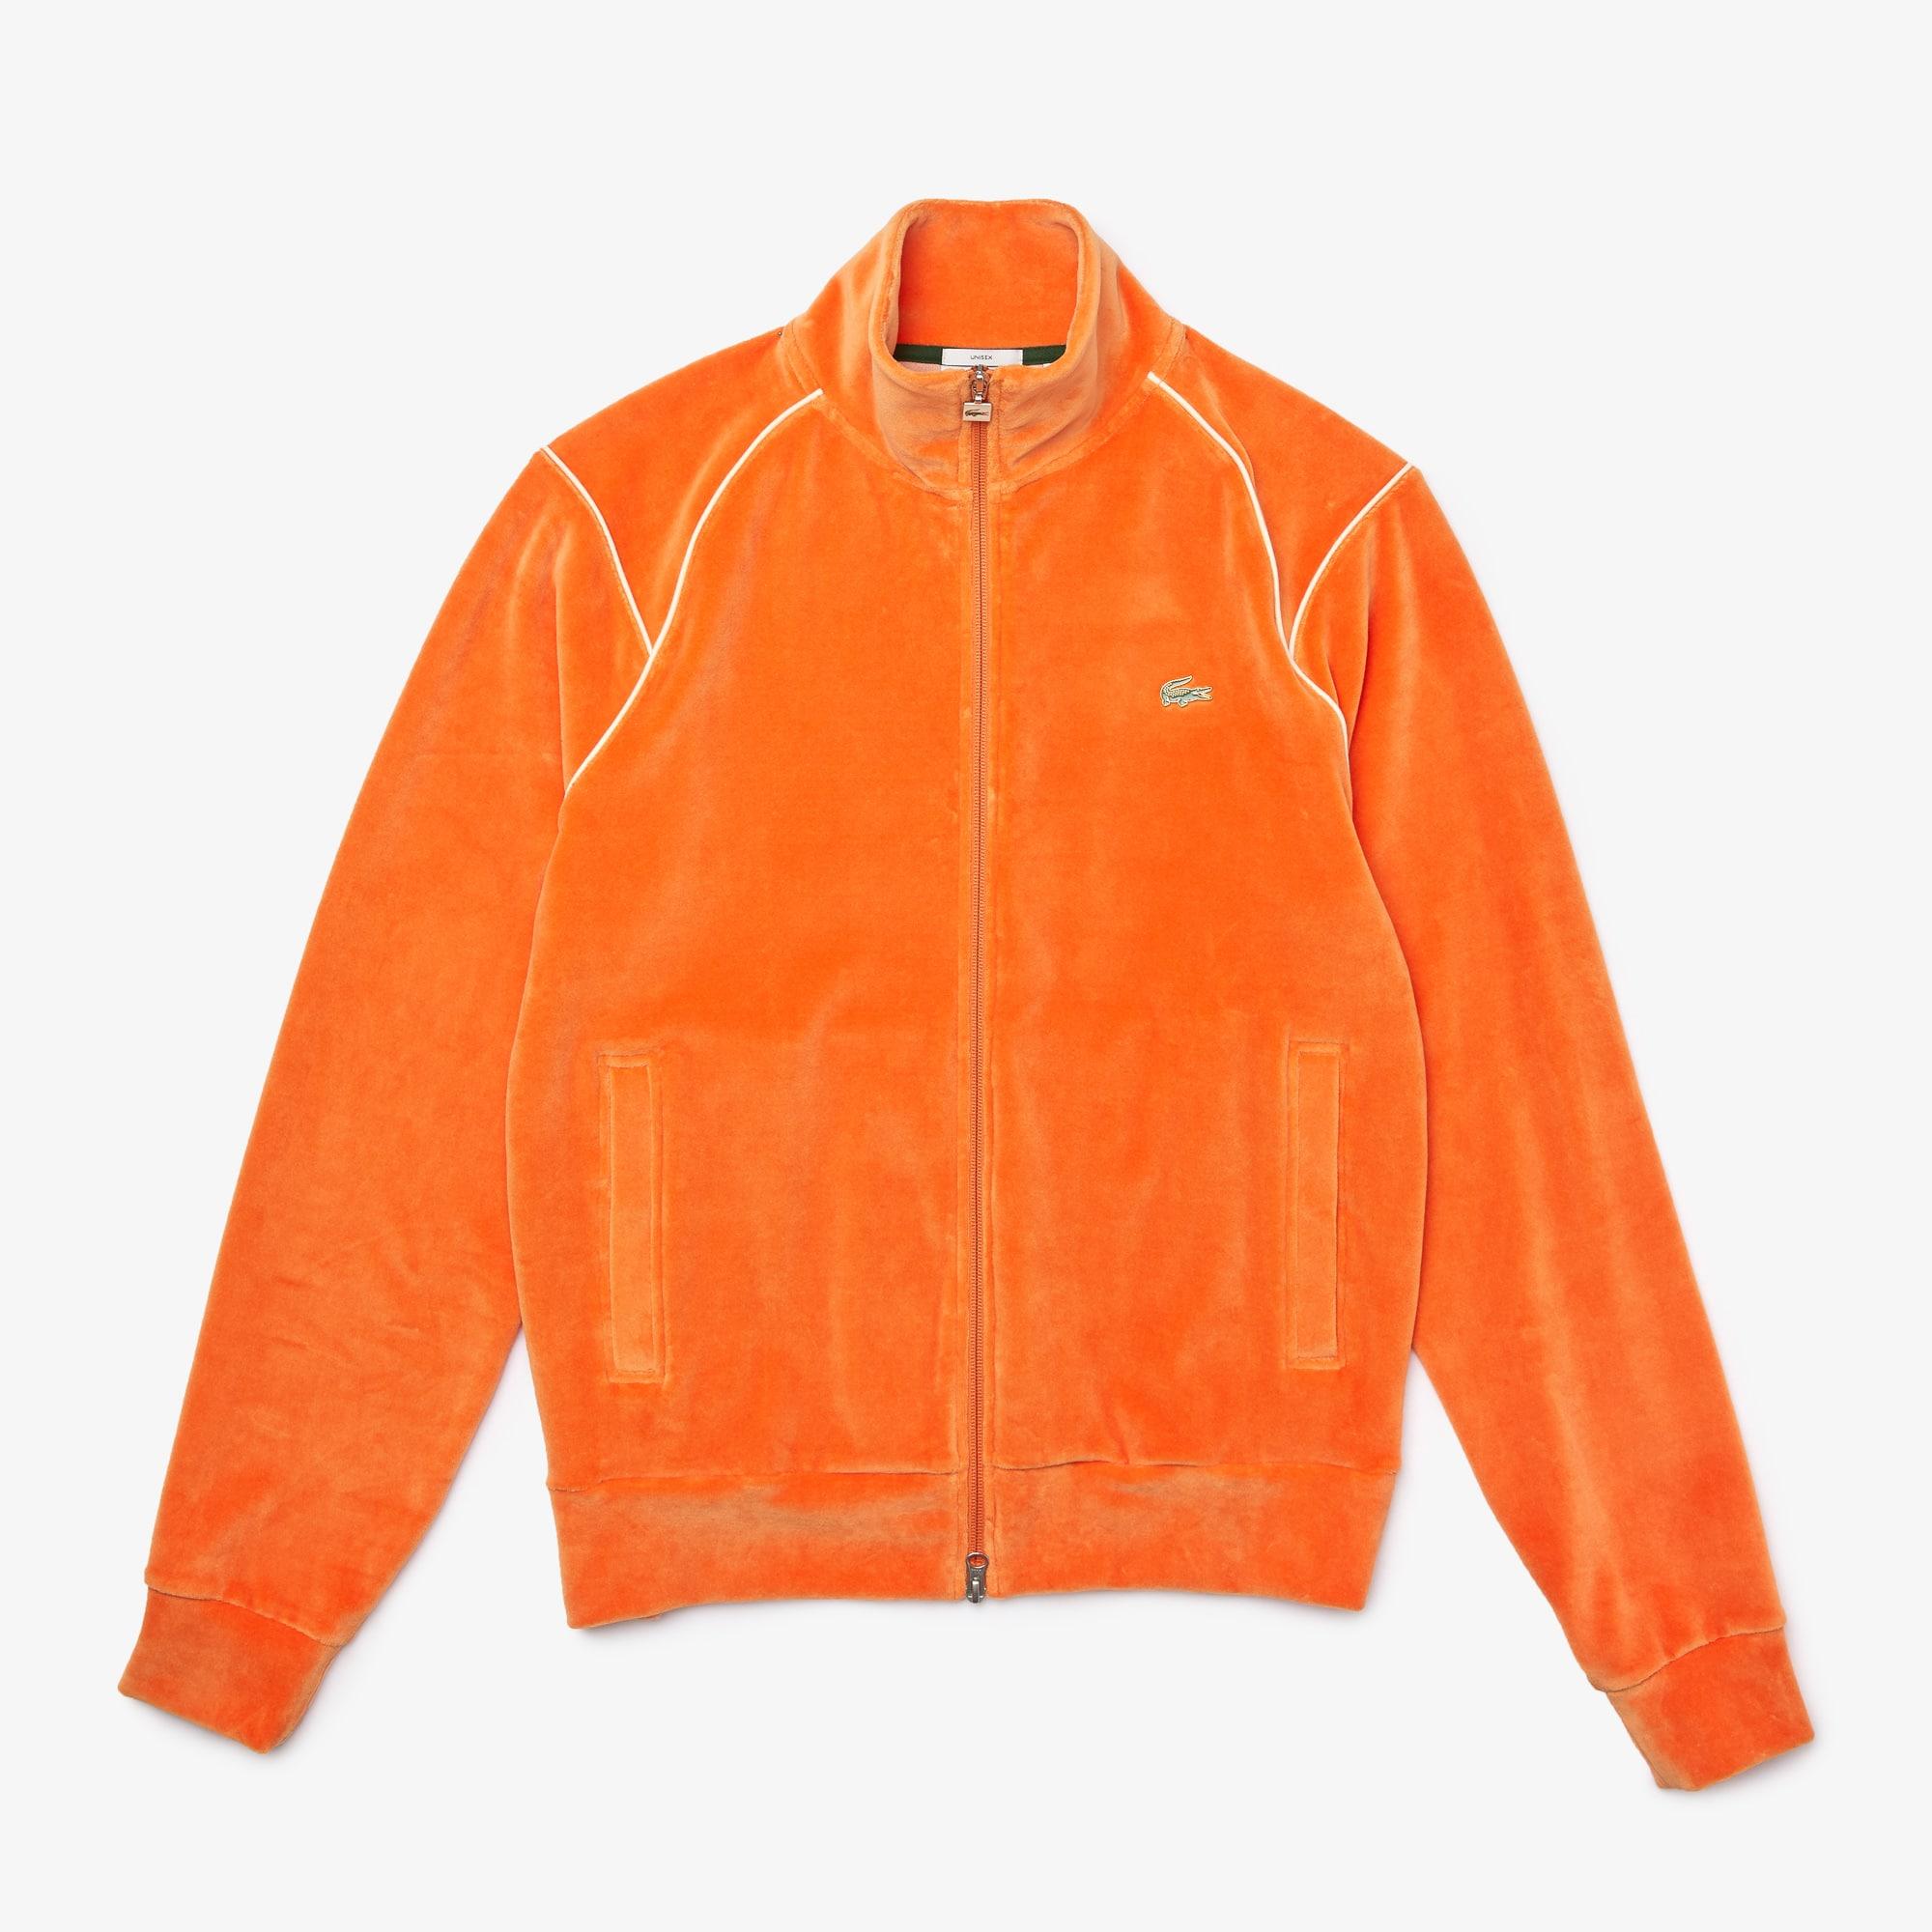 라코스테 라이브 남녀공용 집업 벨벳 맨투맨 Lacoste Unisex LIVE Zippered Velvet Sweatshirt,Orange TV1